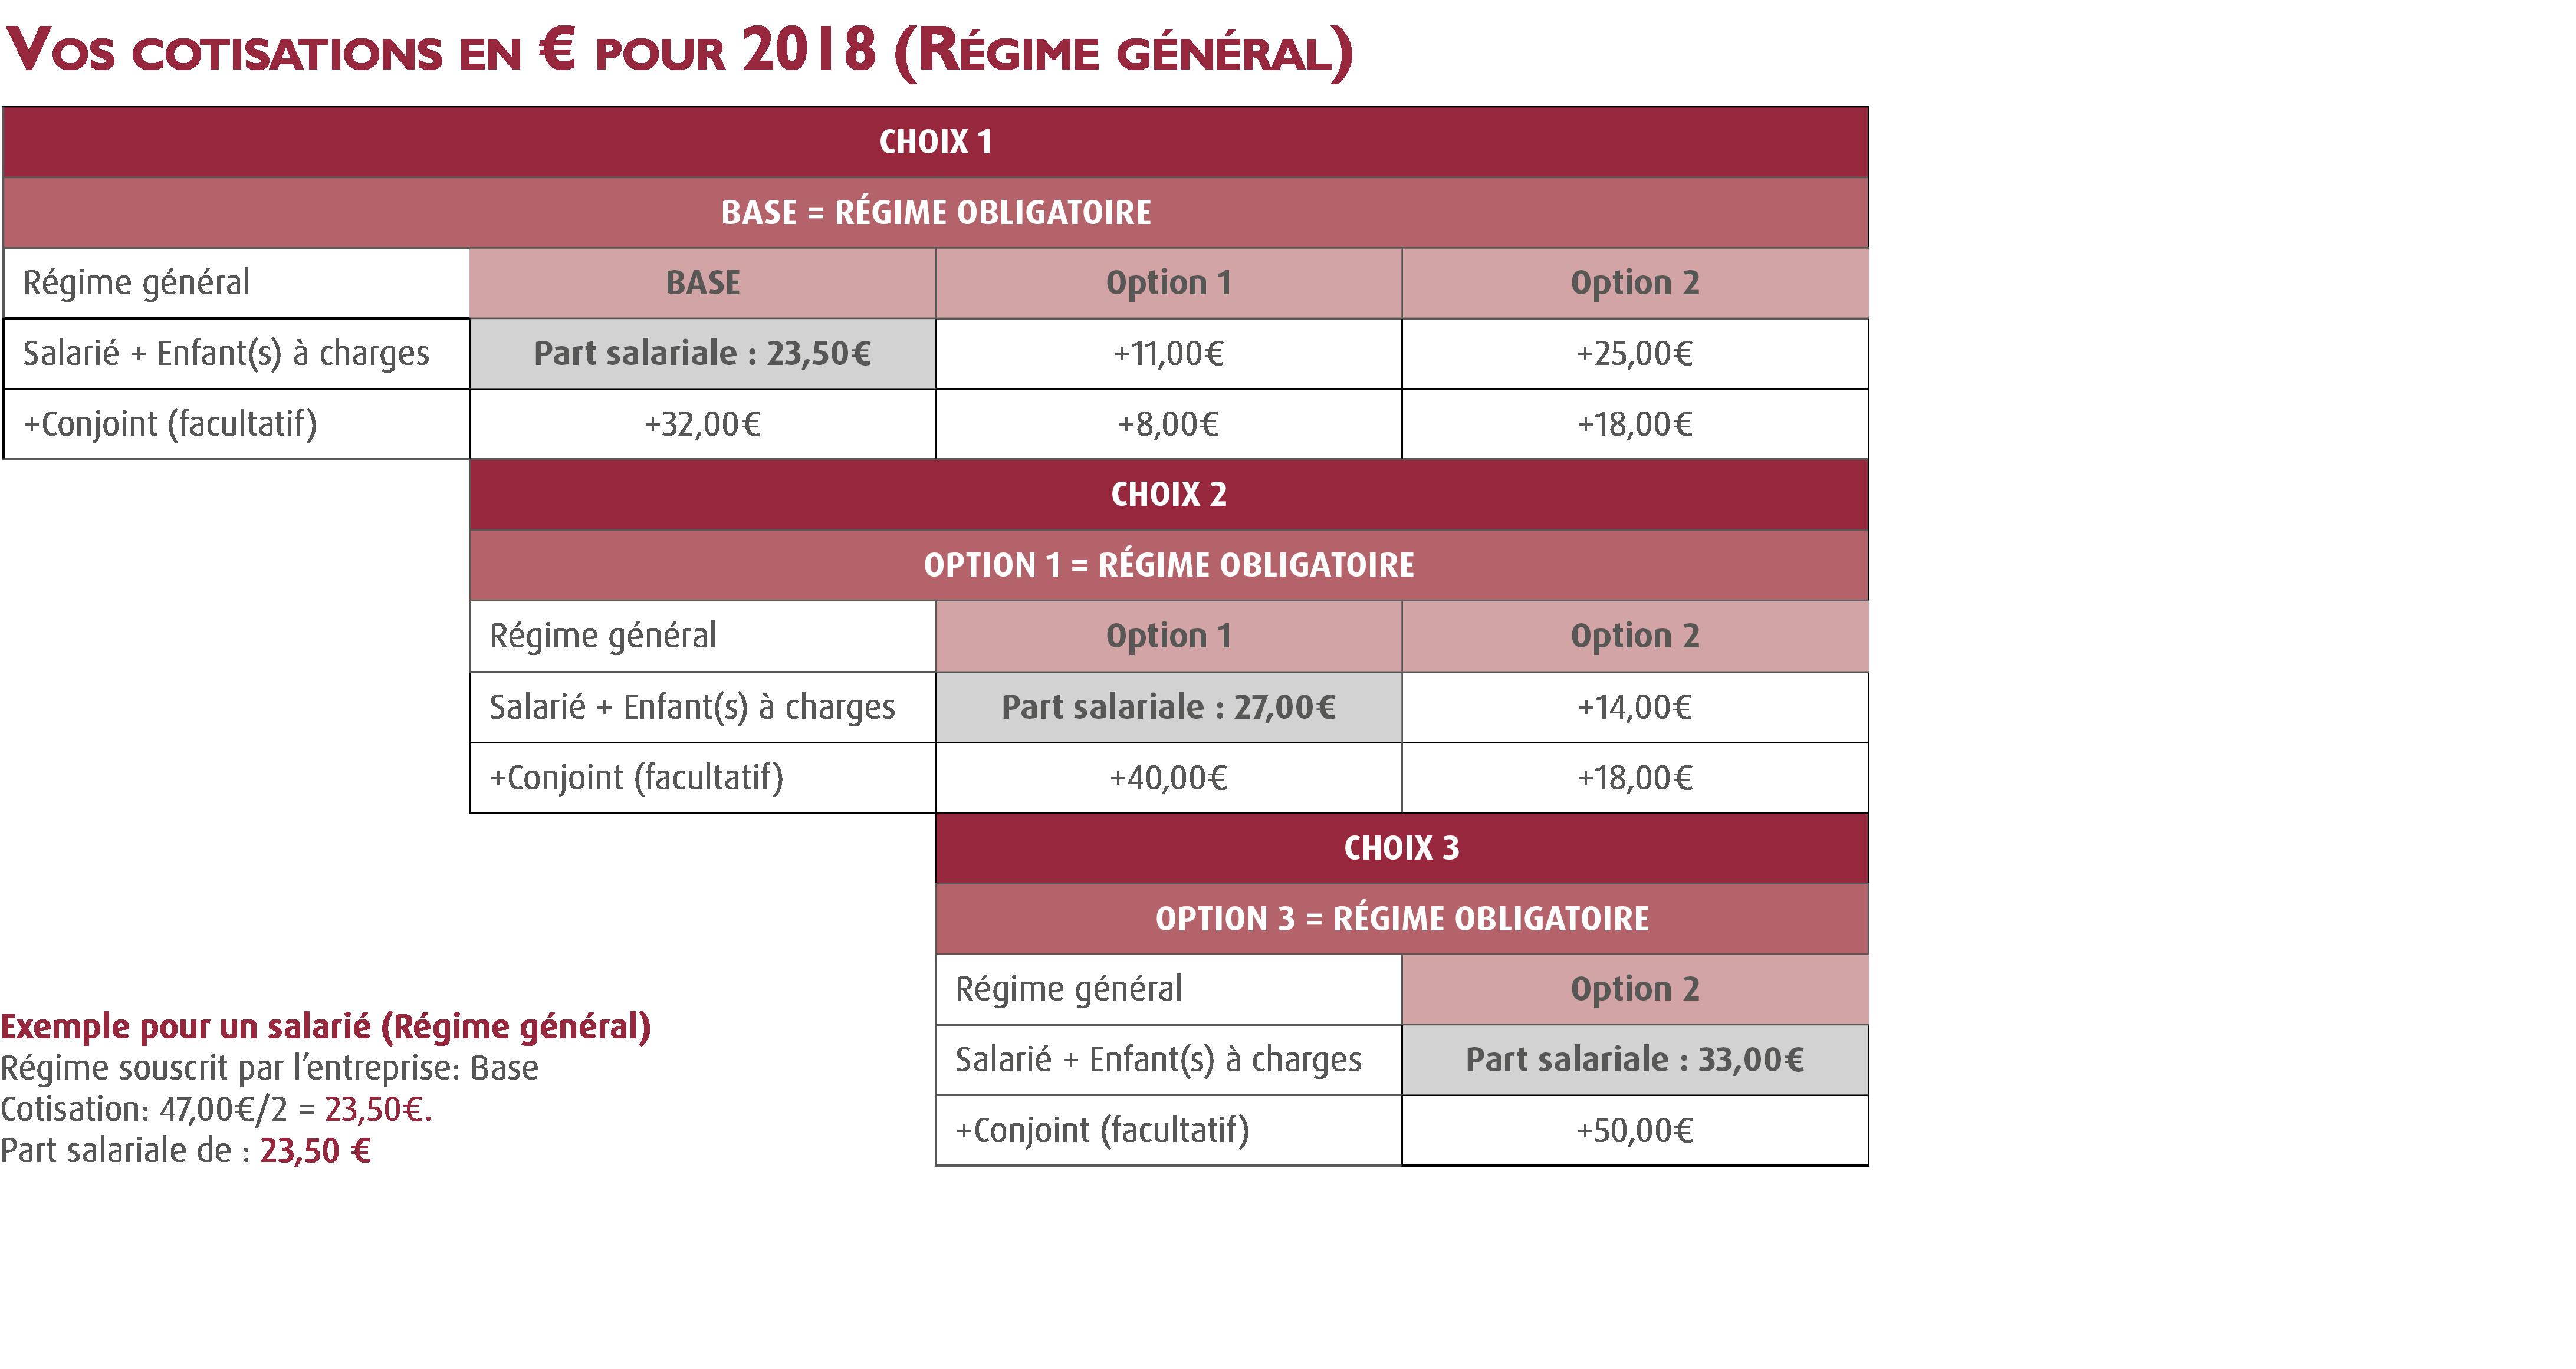 Options Complementaire Sante Ccn Cabinets D Etudes Et De Conseil